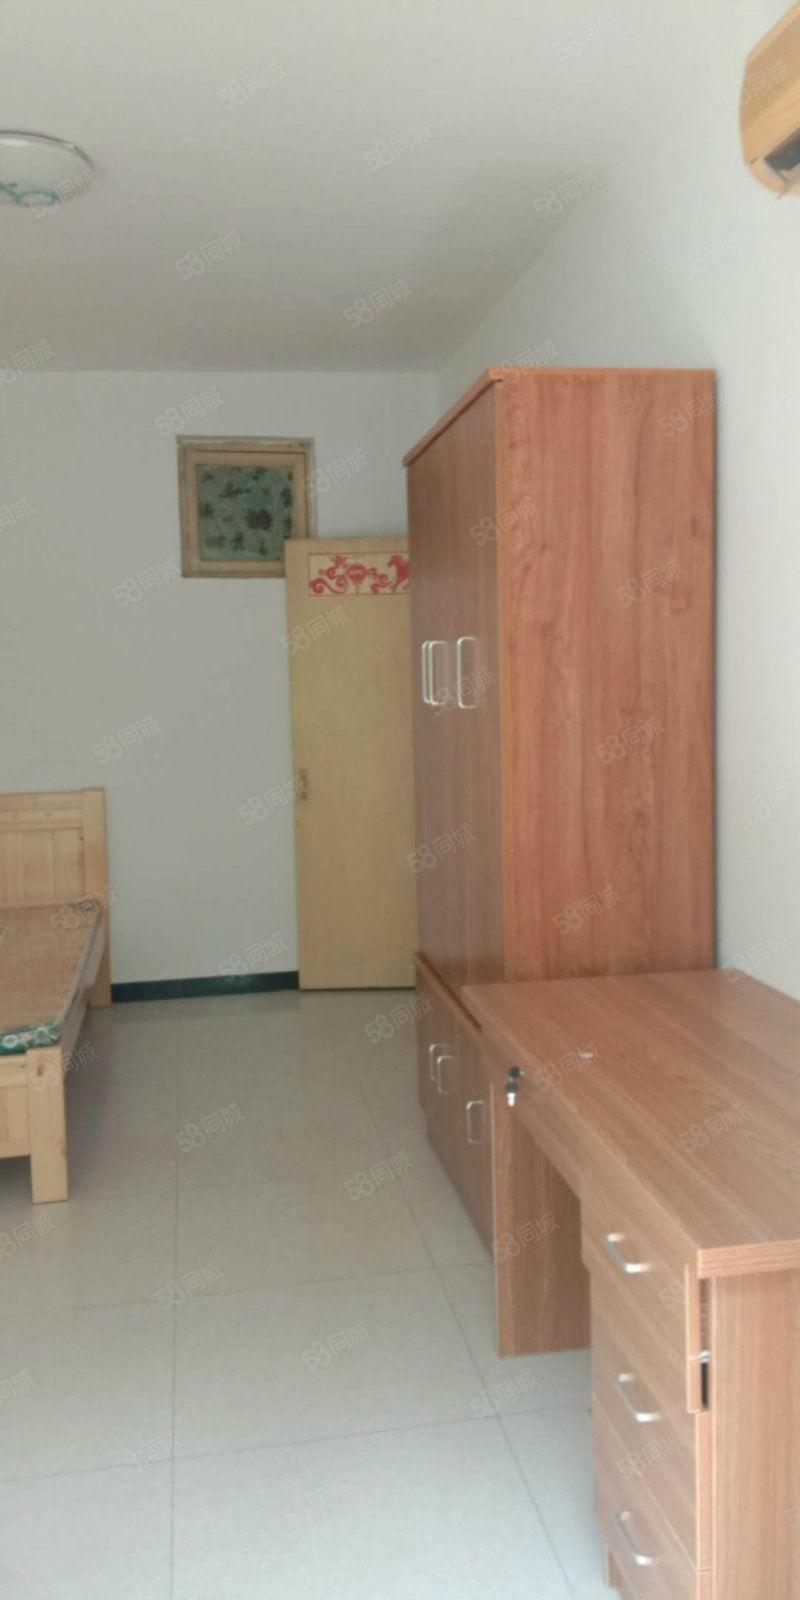 彩虹老生活区一室新装修家具家电都有随时可以入住看房电话联系